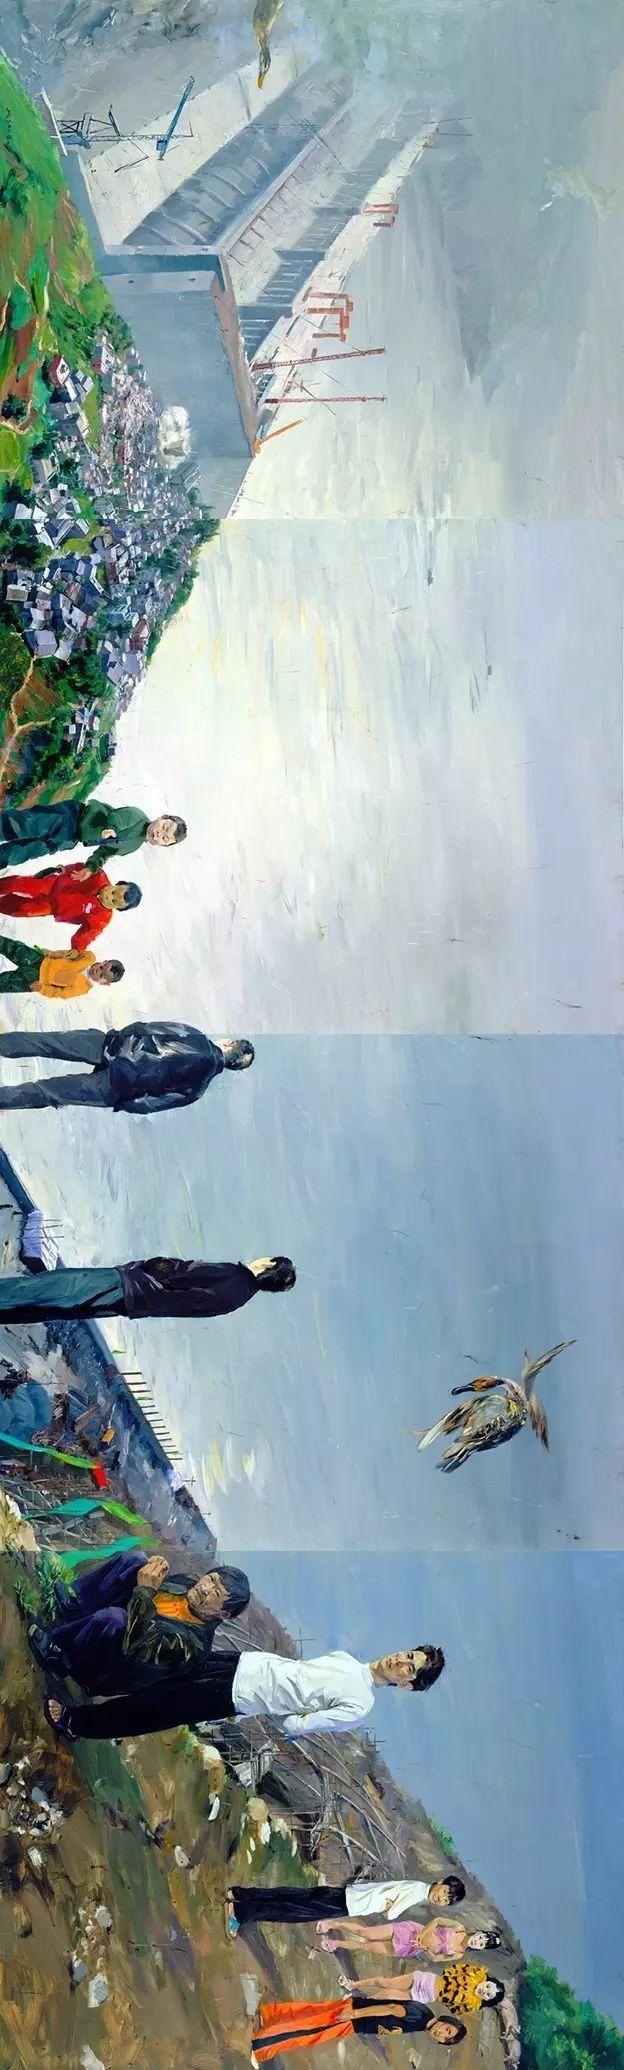 一幅画6000万,他说:画画和生命过程一样是个'熬'字插图3